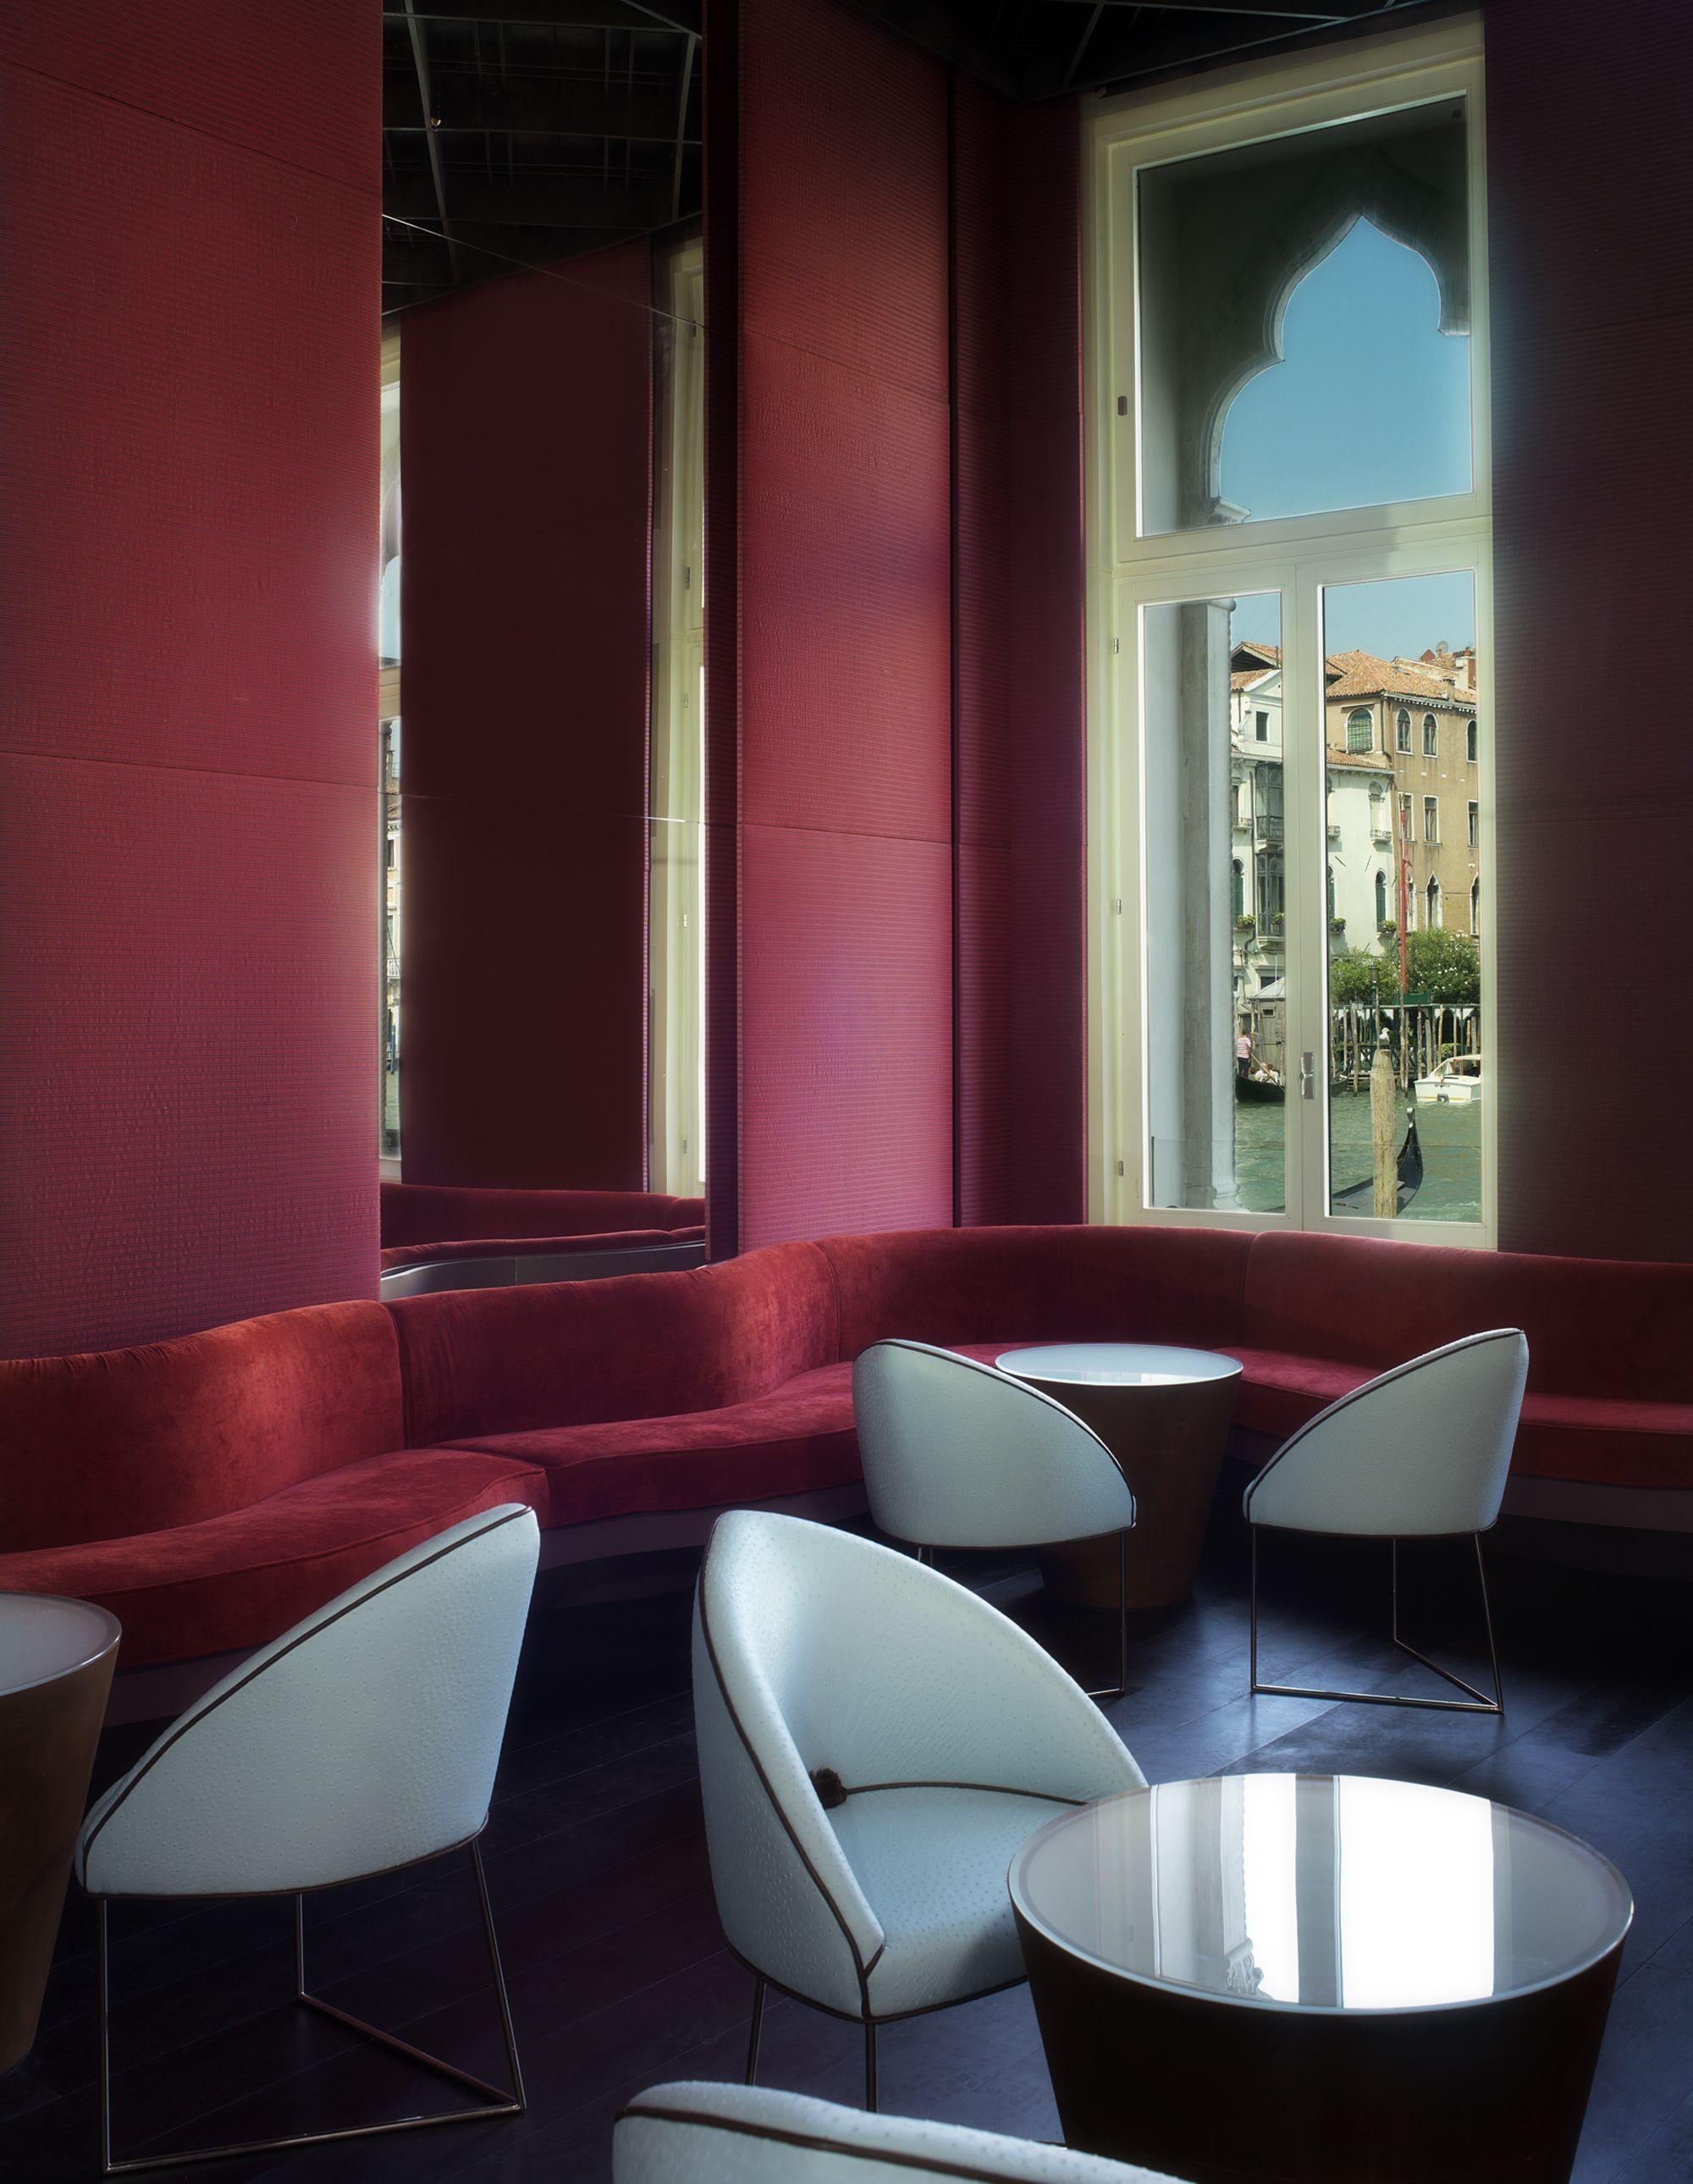 L'hotel dove soggiornano le star a Venezia diventerà il nostro buen retiro?